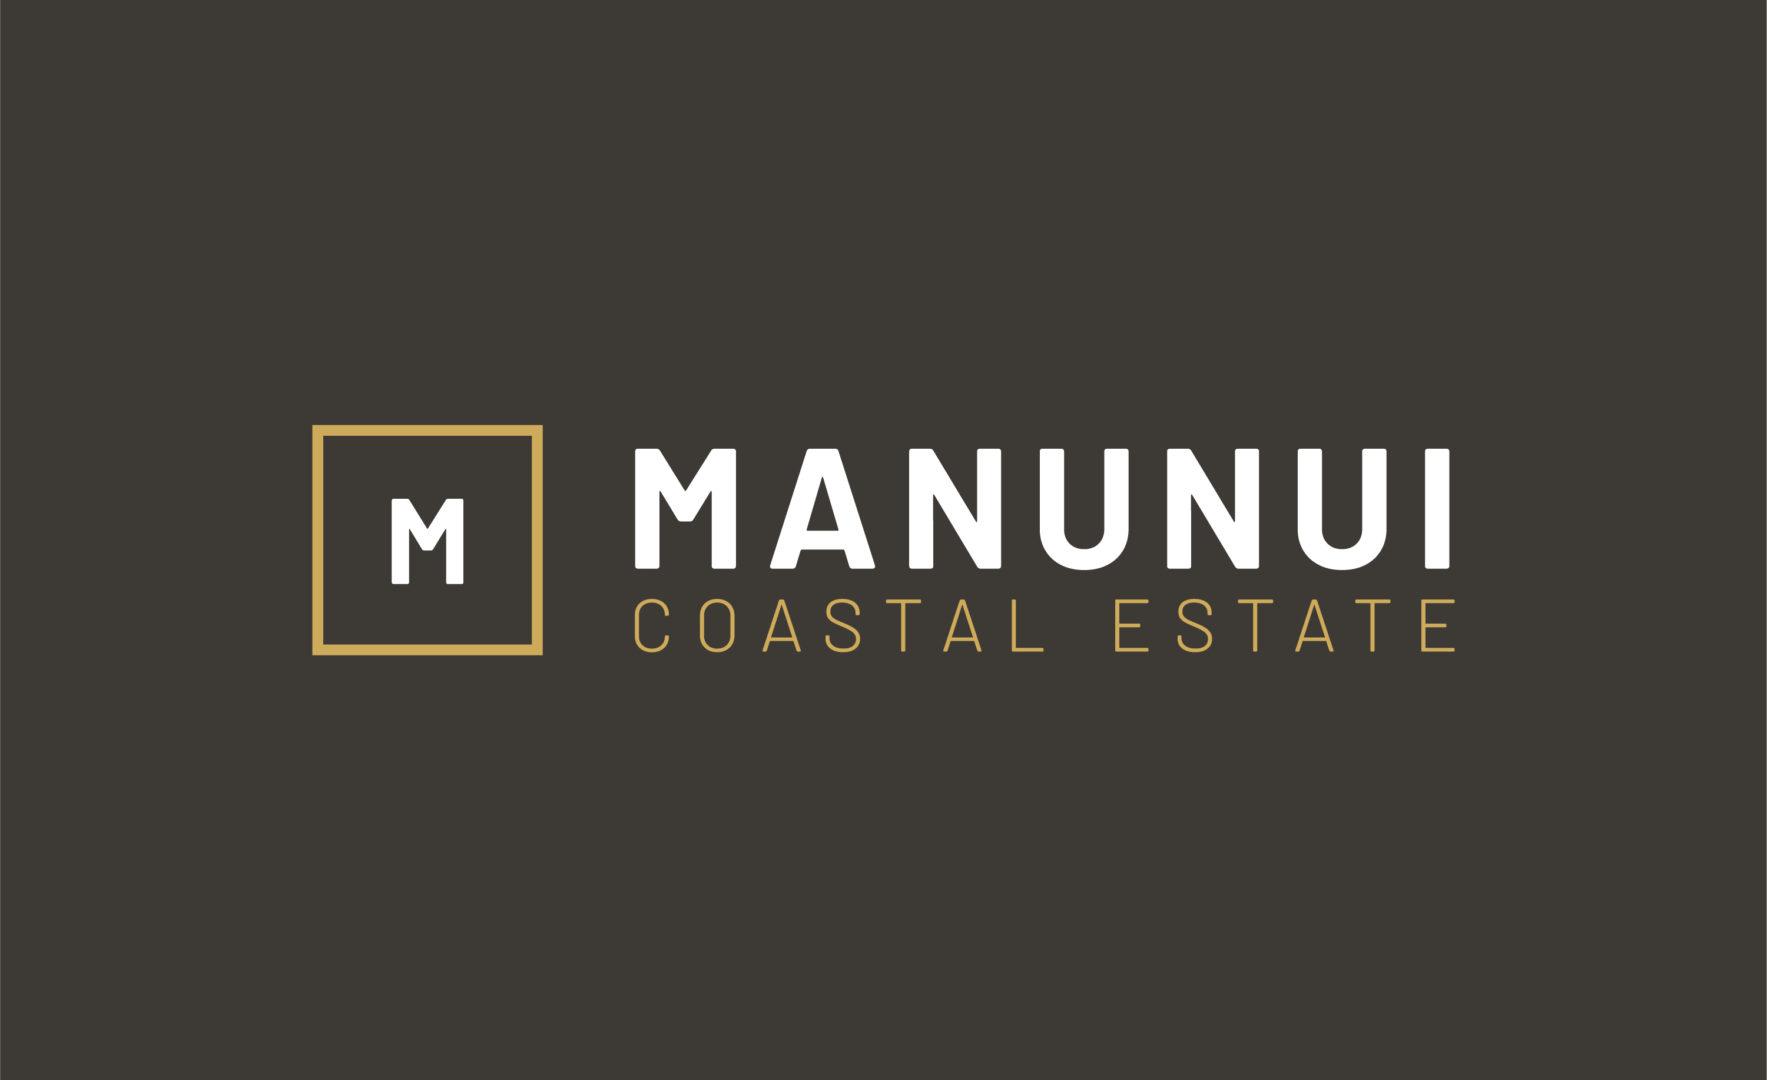 Manunui Coastal Estate logo